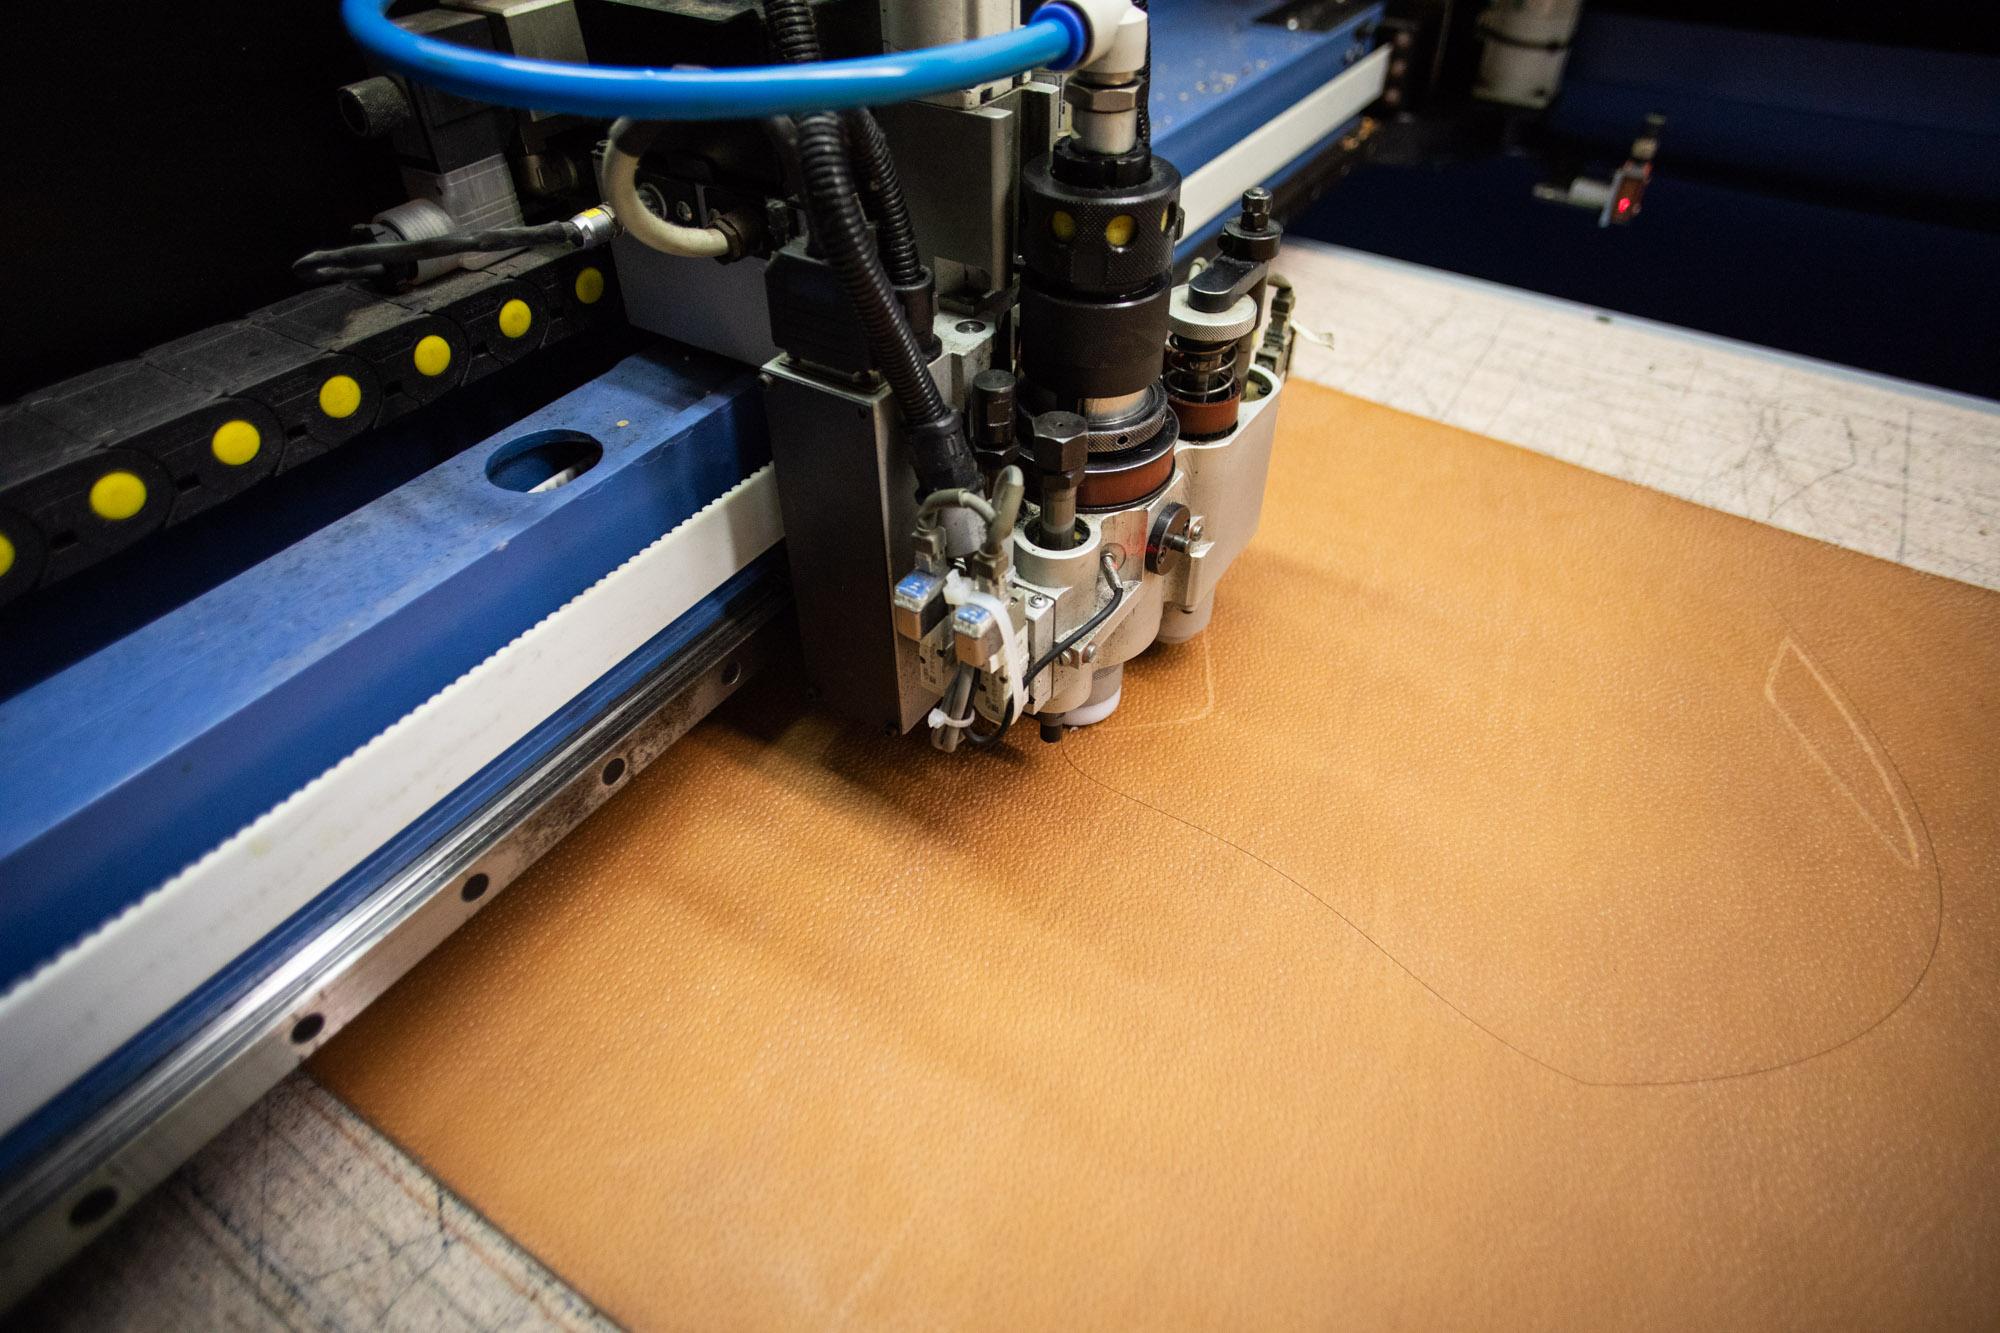 Découvrir l'envers du décor d'une maroquinerie artisanale facon-cuir-decoupe laser